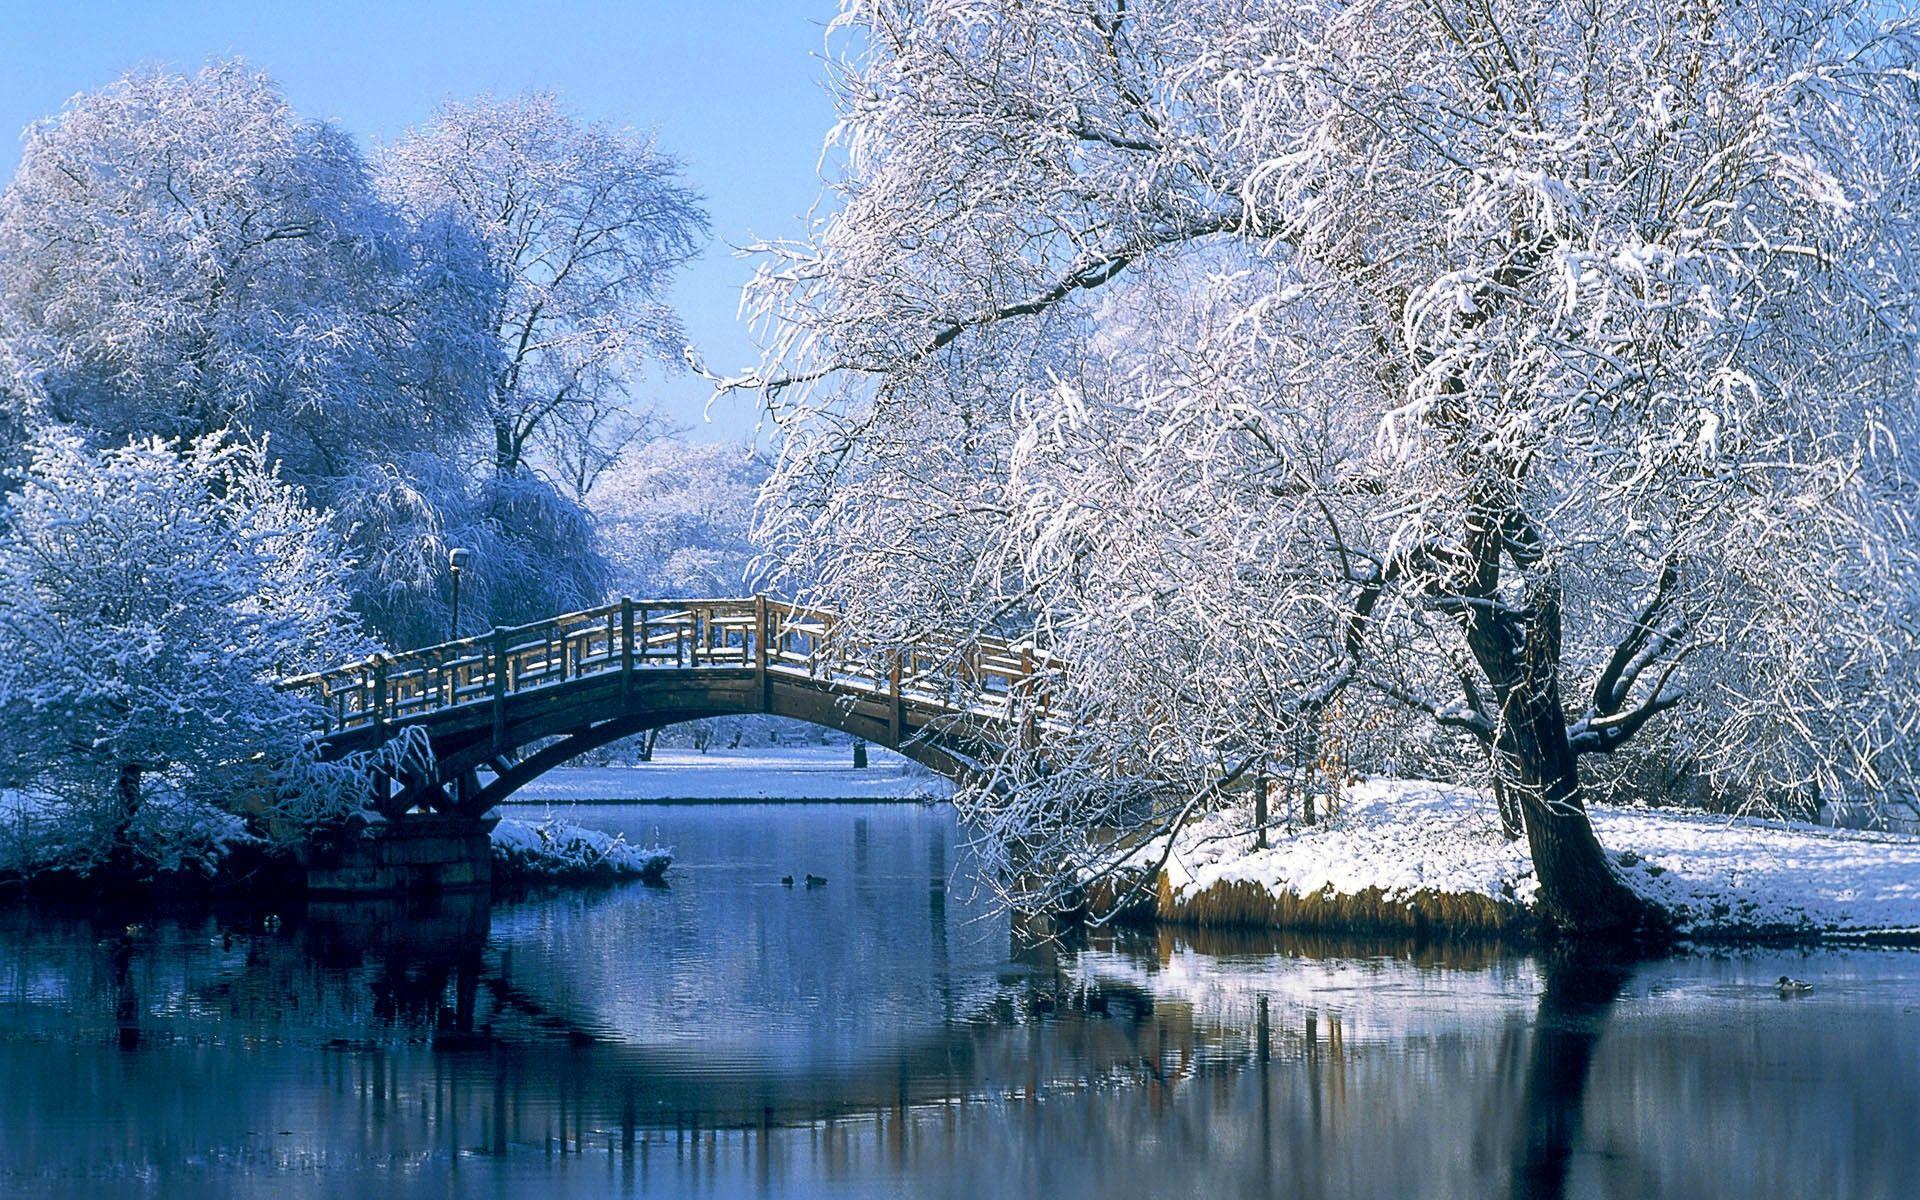 Fotos de invierno para fondo de pantalla buscar con for Buscar imagenes de fondo de pantalla